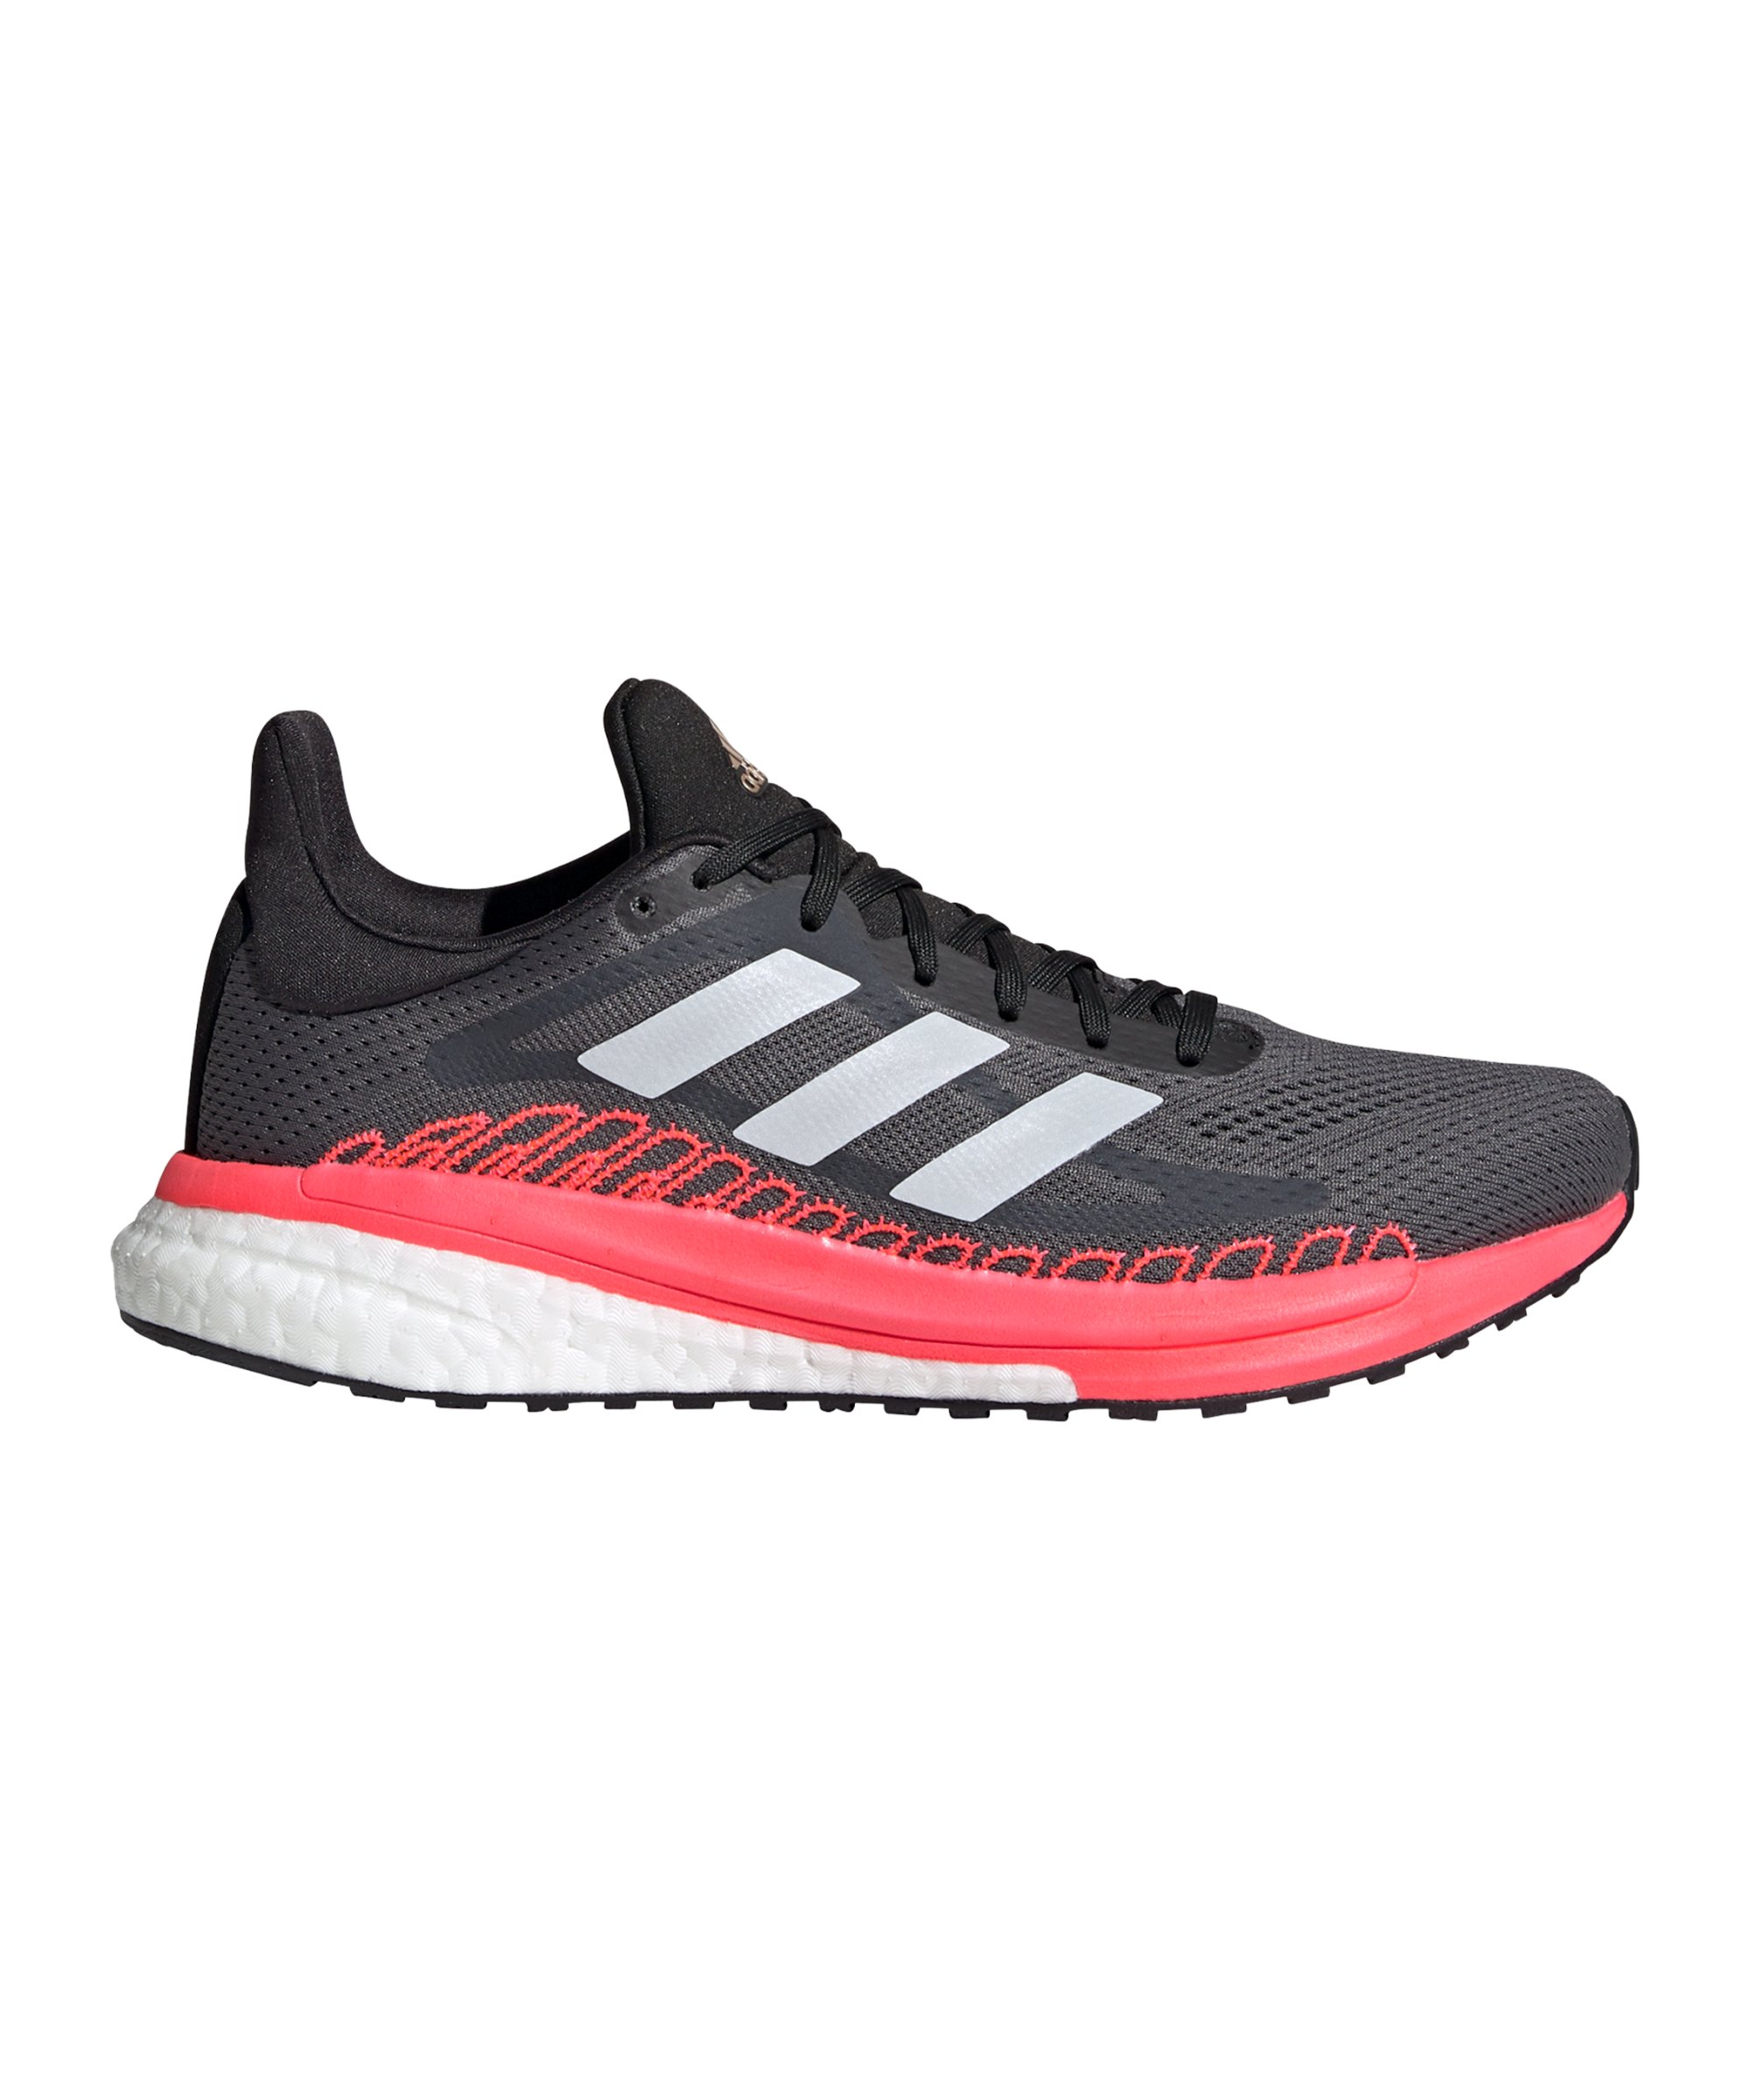 adidas Solar Glide ST 3 Running Damen Grau Pink - grau